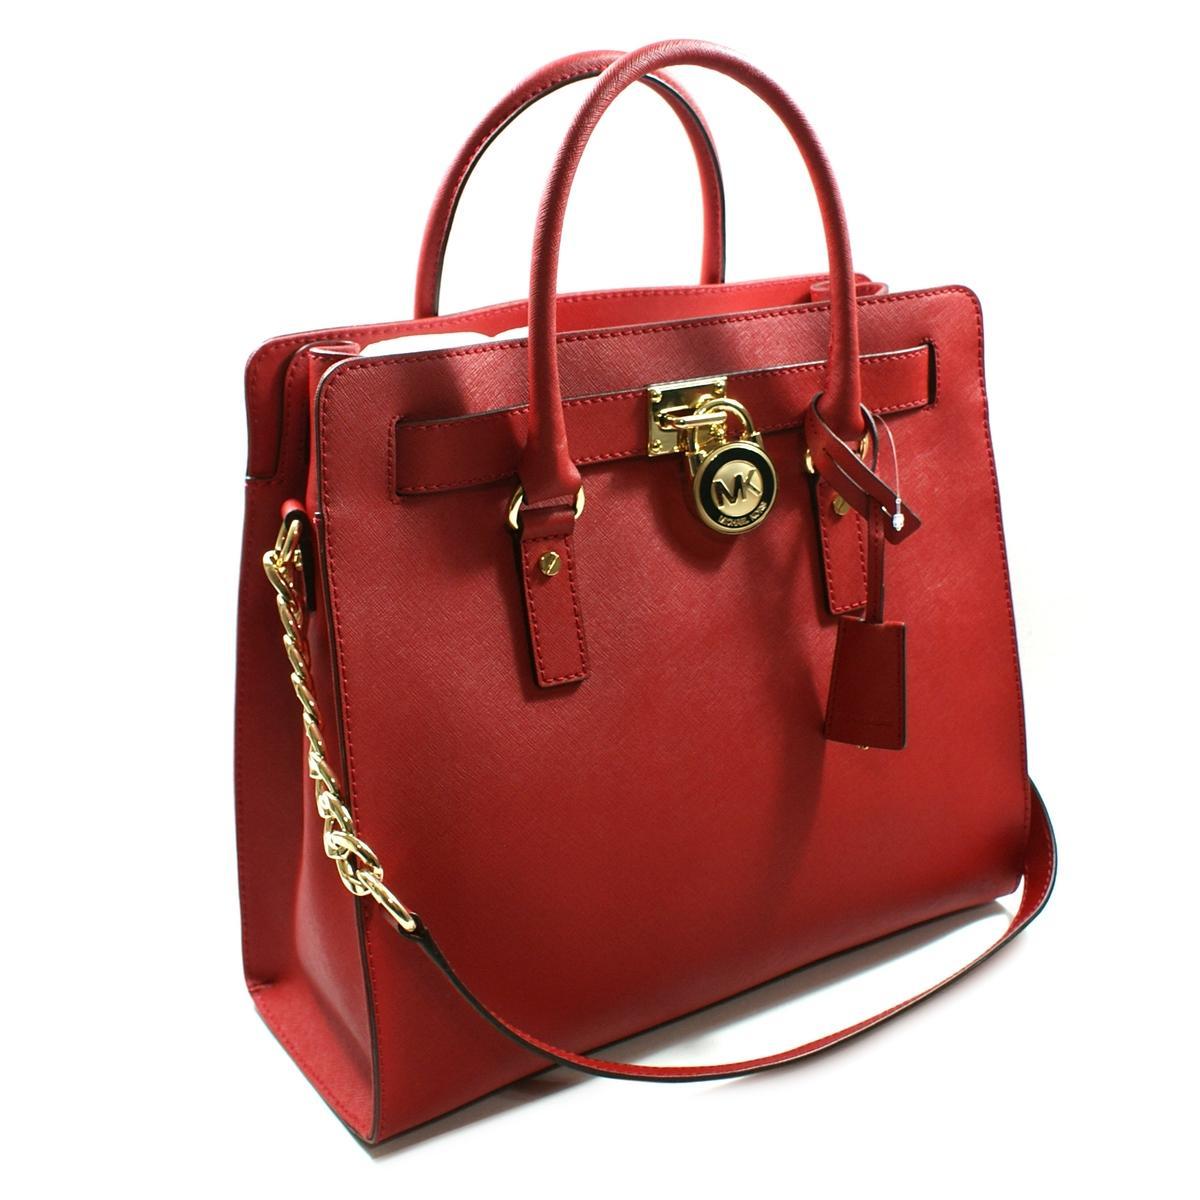 Michael Kors Hamilton Large Genuine Leather Tote/ Shoulder Bag Red ...